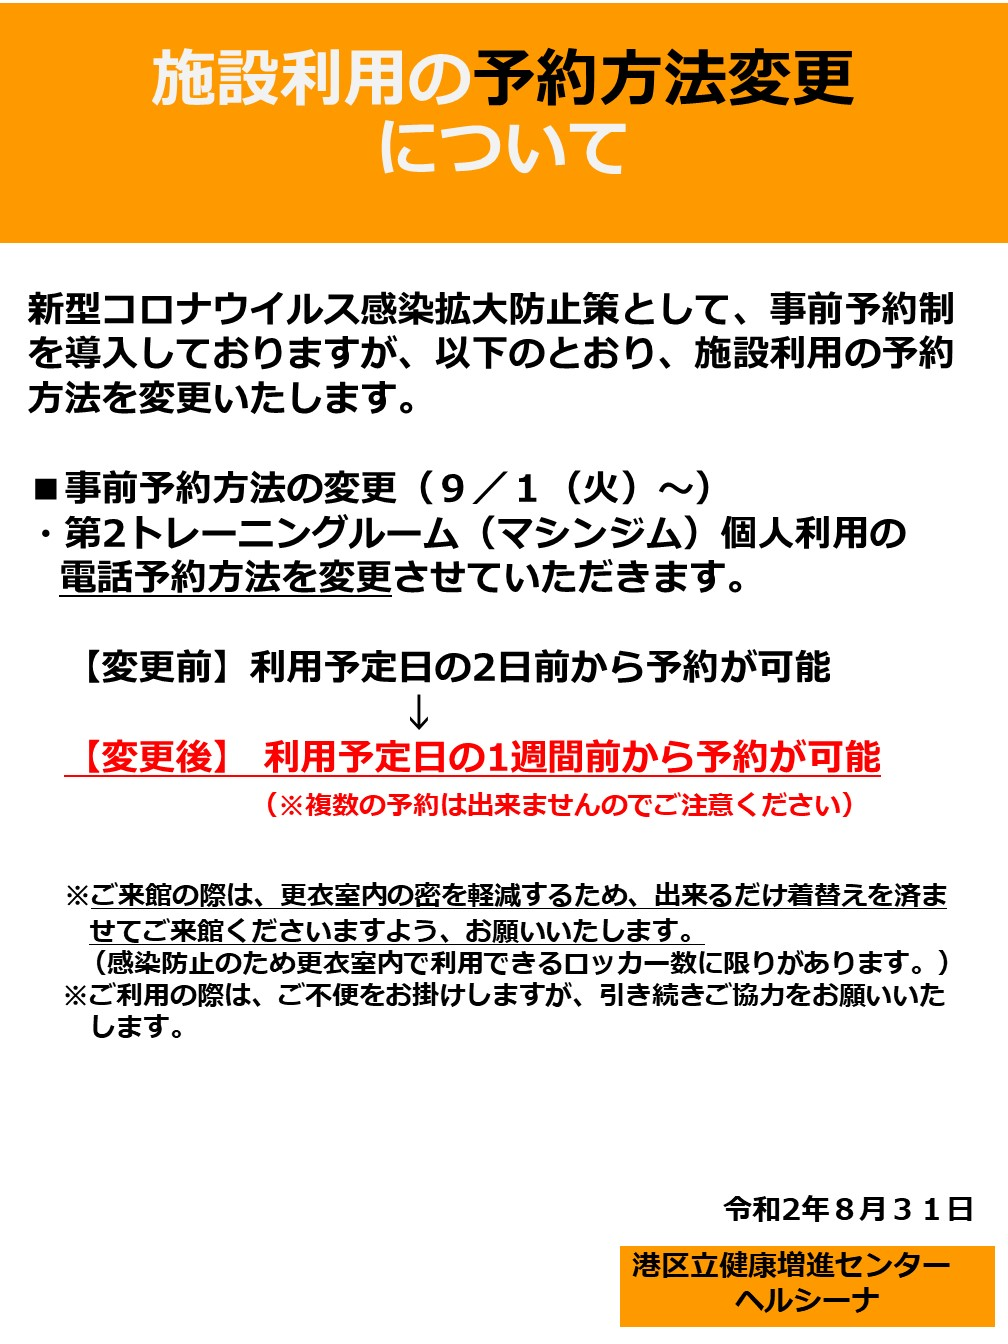 20200831個人利用運営変更ポスター(修正後)予約期間変更1Wへ.jpg